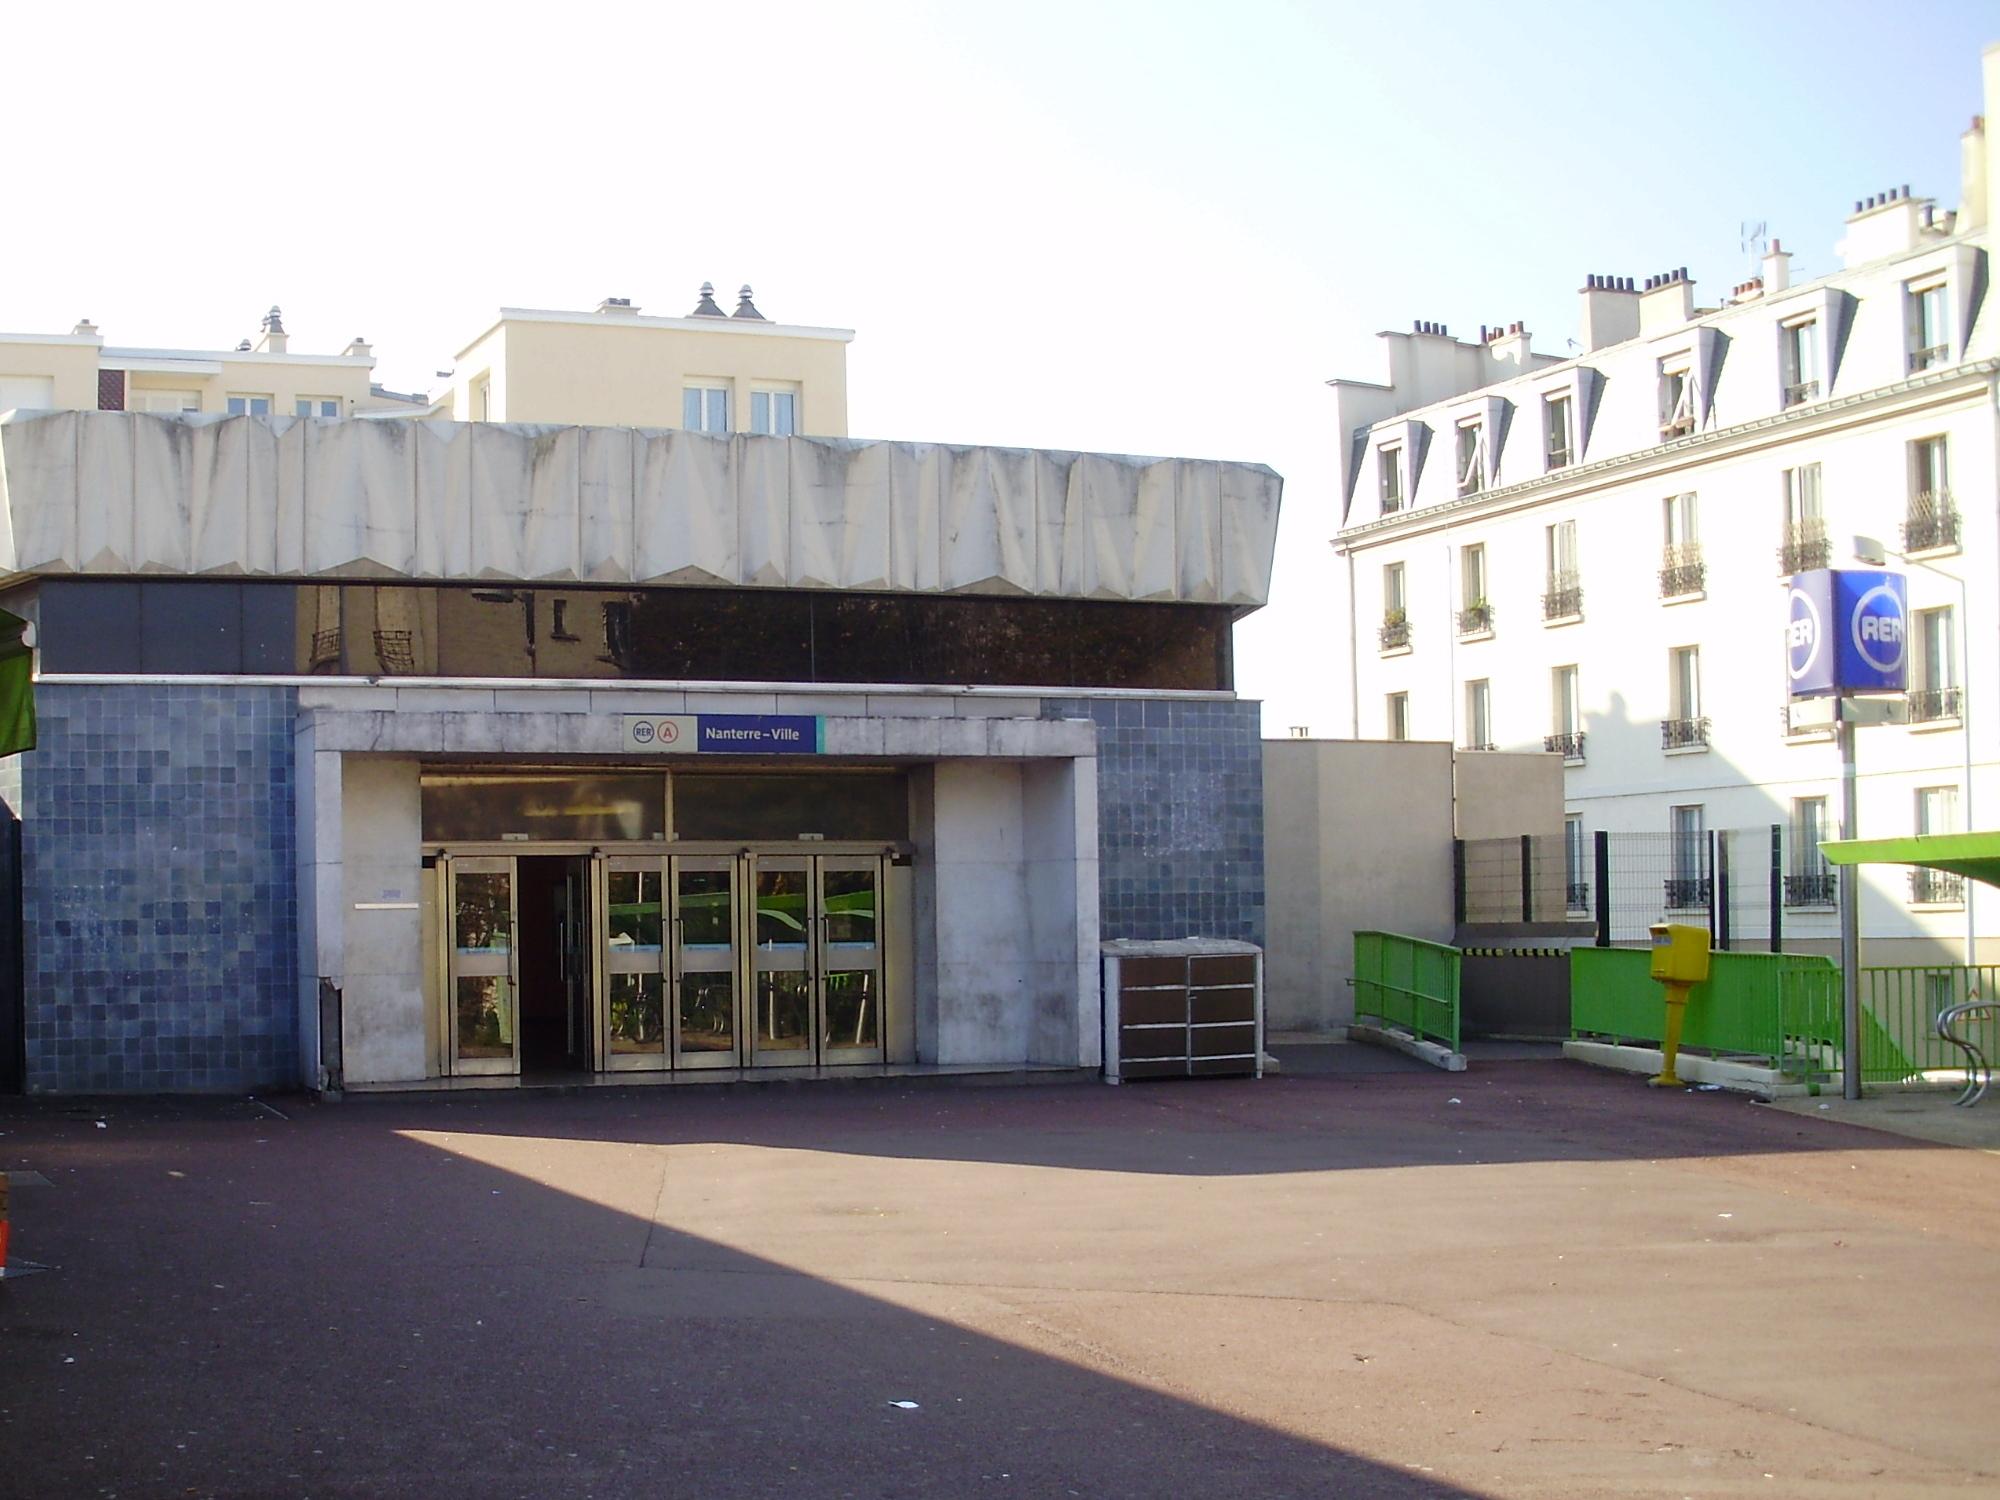 Gare de nanterre ville for Piscine nanterre